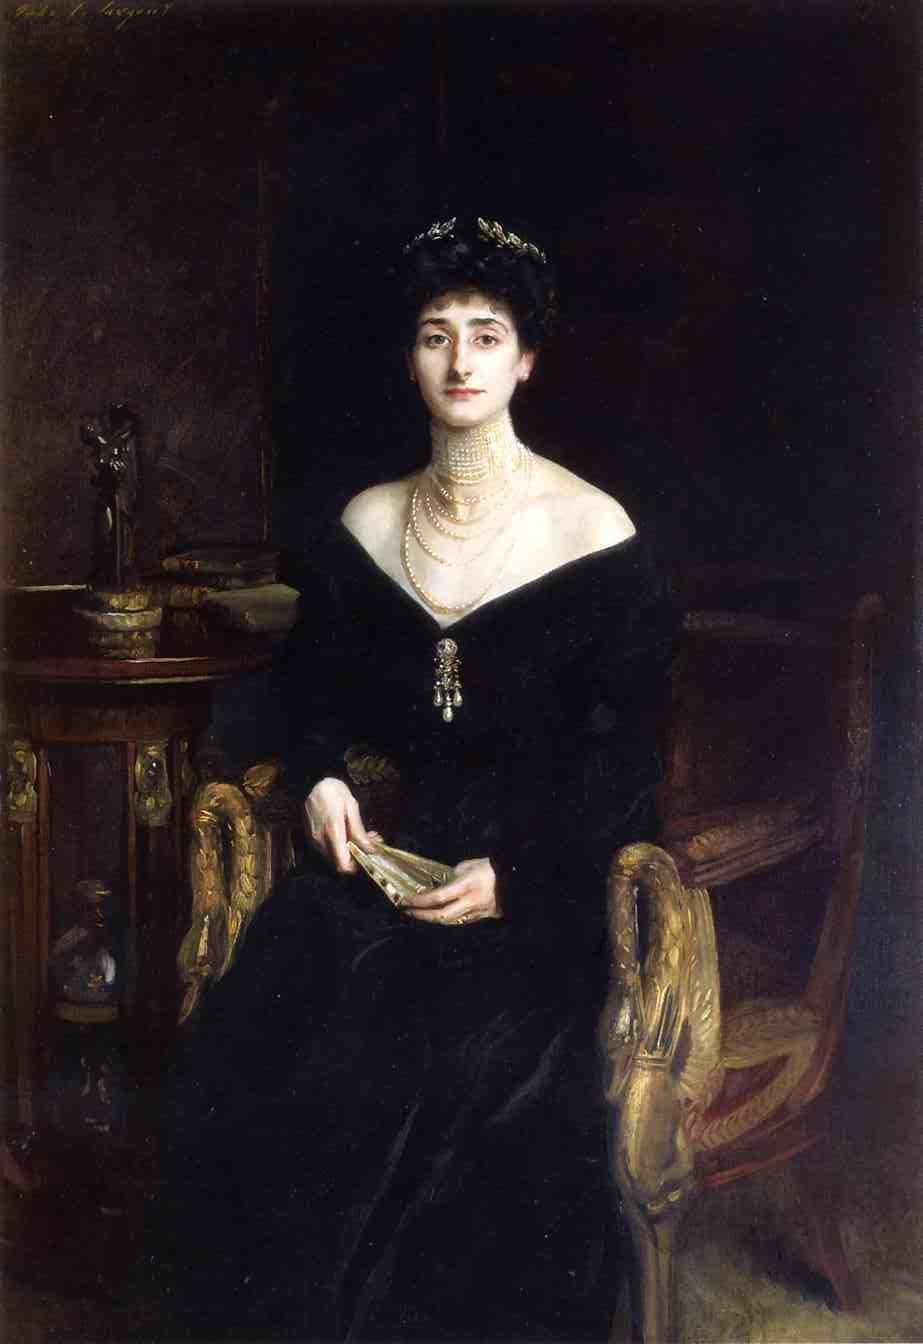 Portrait of Mrs. Ernest G. Raphael, née Florence Cecilia Sassoon - John Singer Sargent